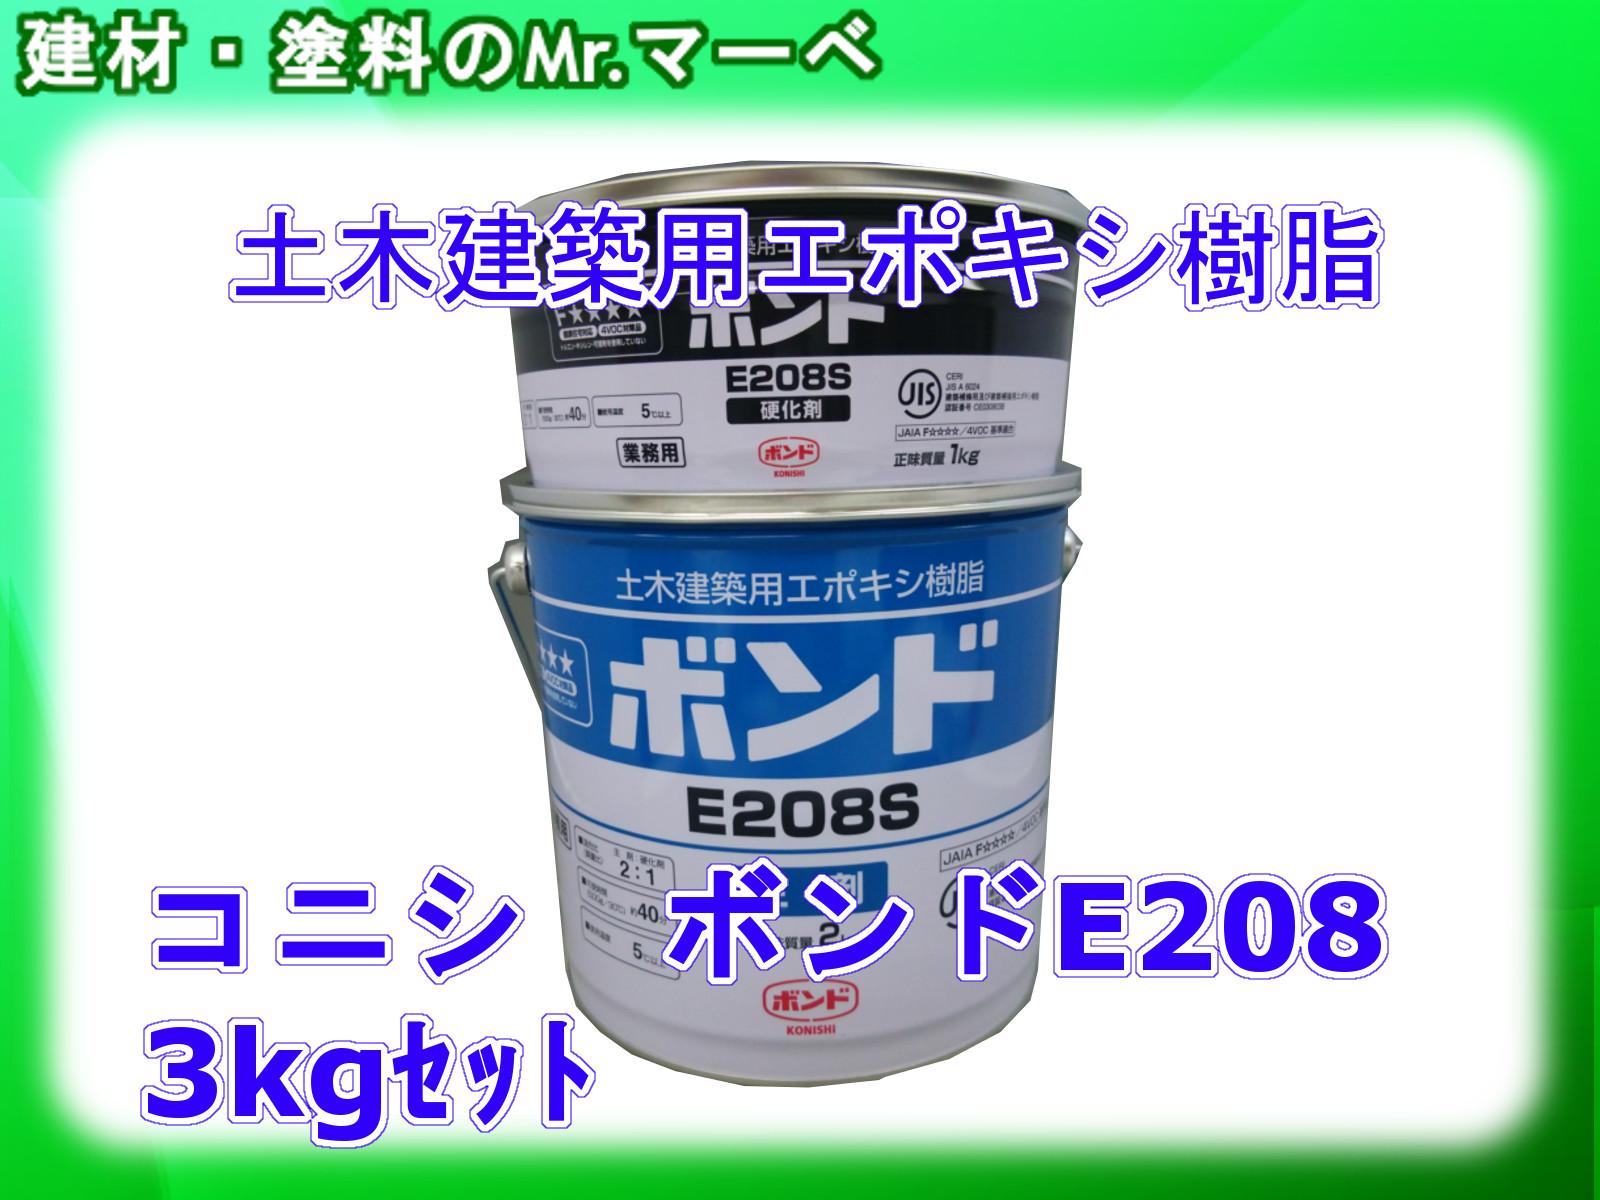 コニシ ボンドE208 3kg*4セット S/W